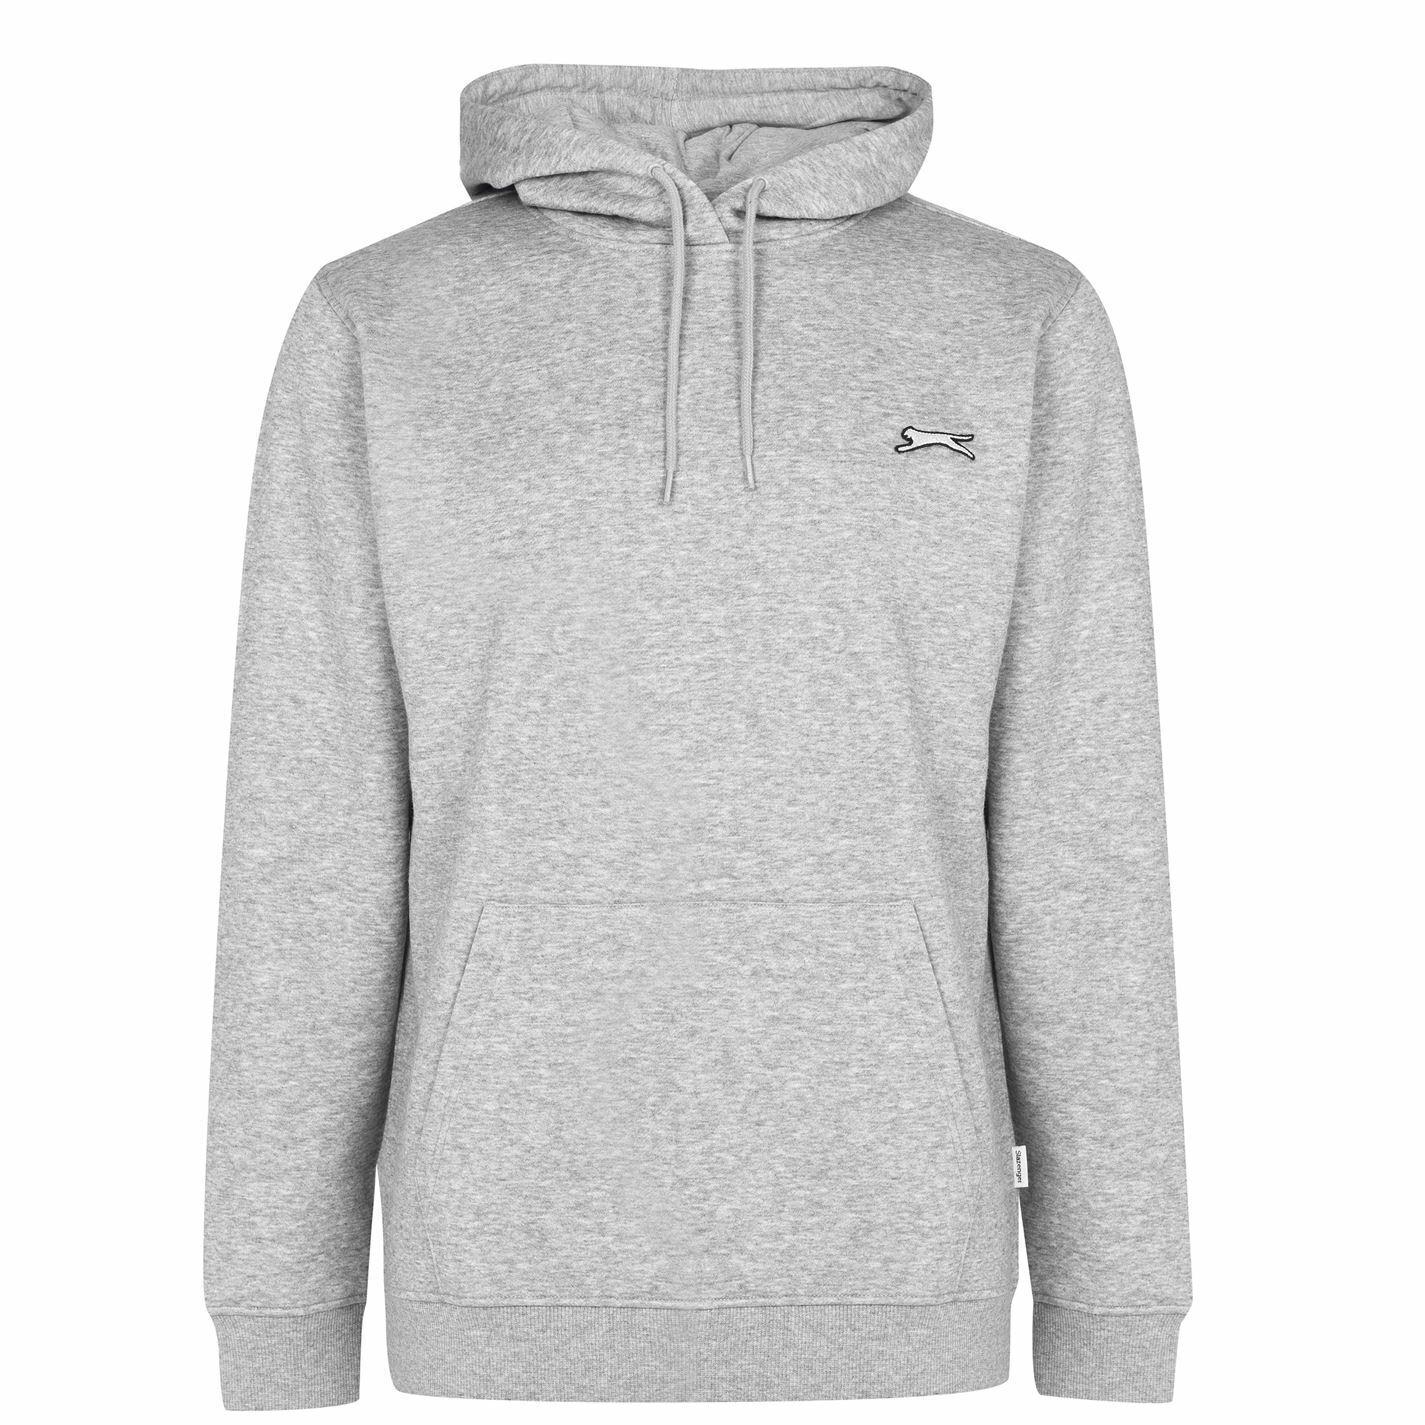 Slazenger OTH Hoodie 2.0 Mens Gents Hoody Hooded Top Full Length Sleeve Zip